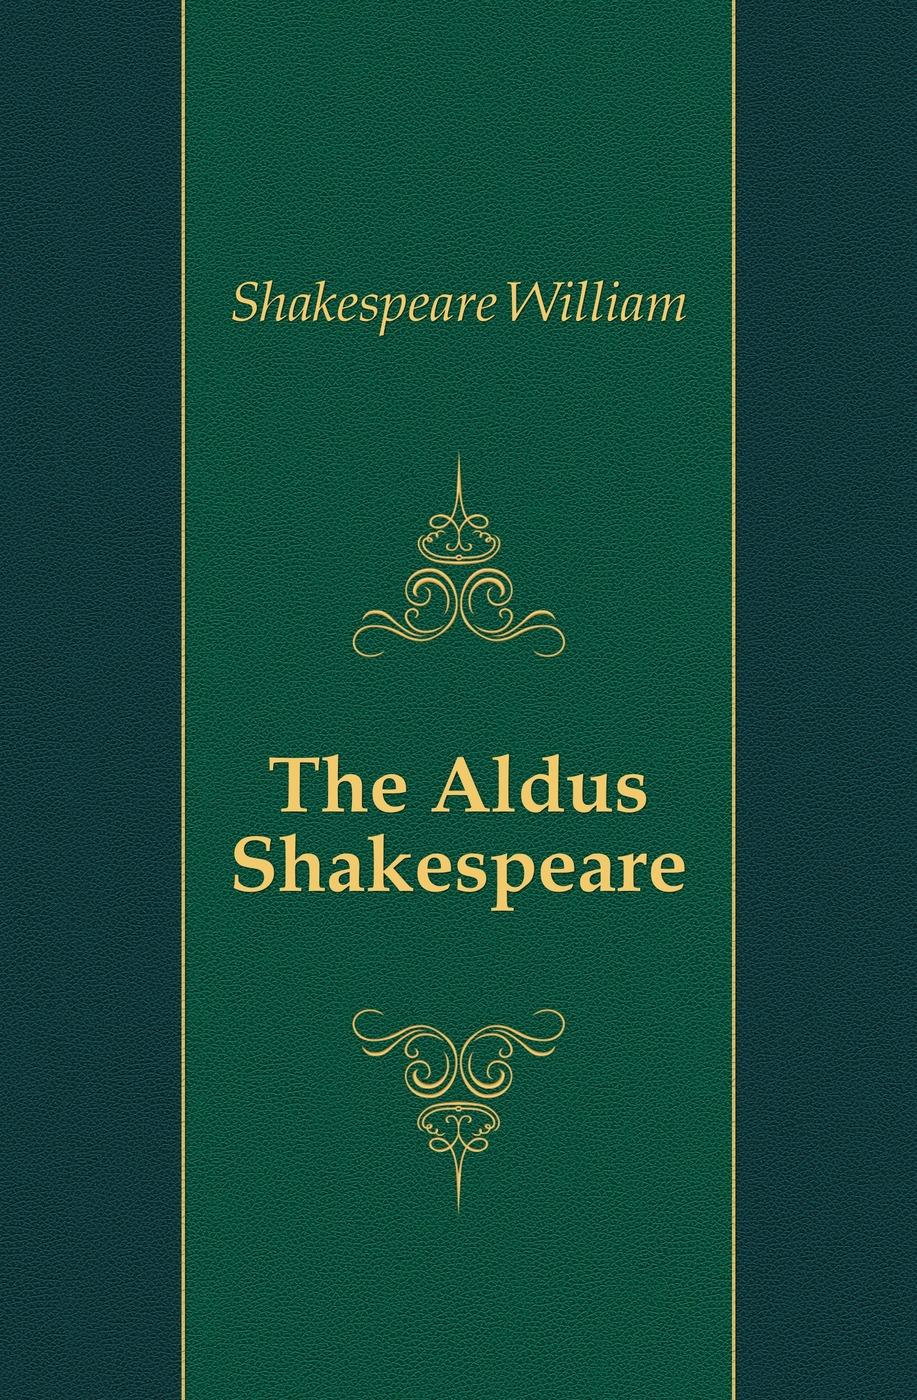 Уильям Шекспир The Aldus Shakespeare